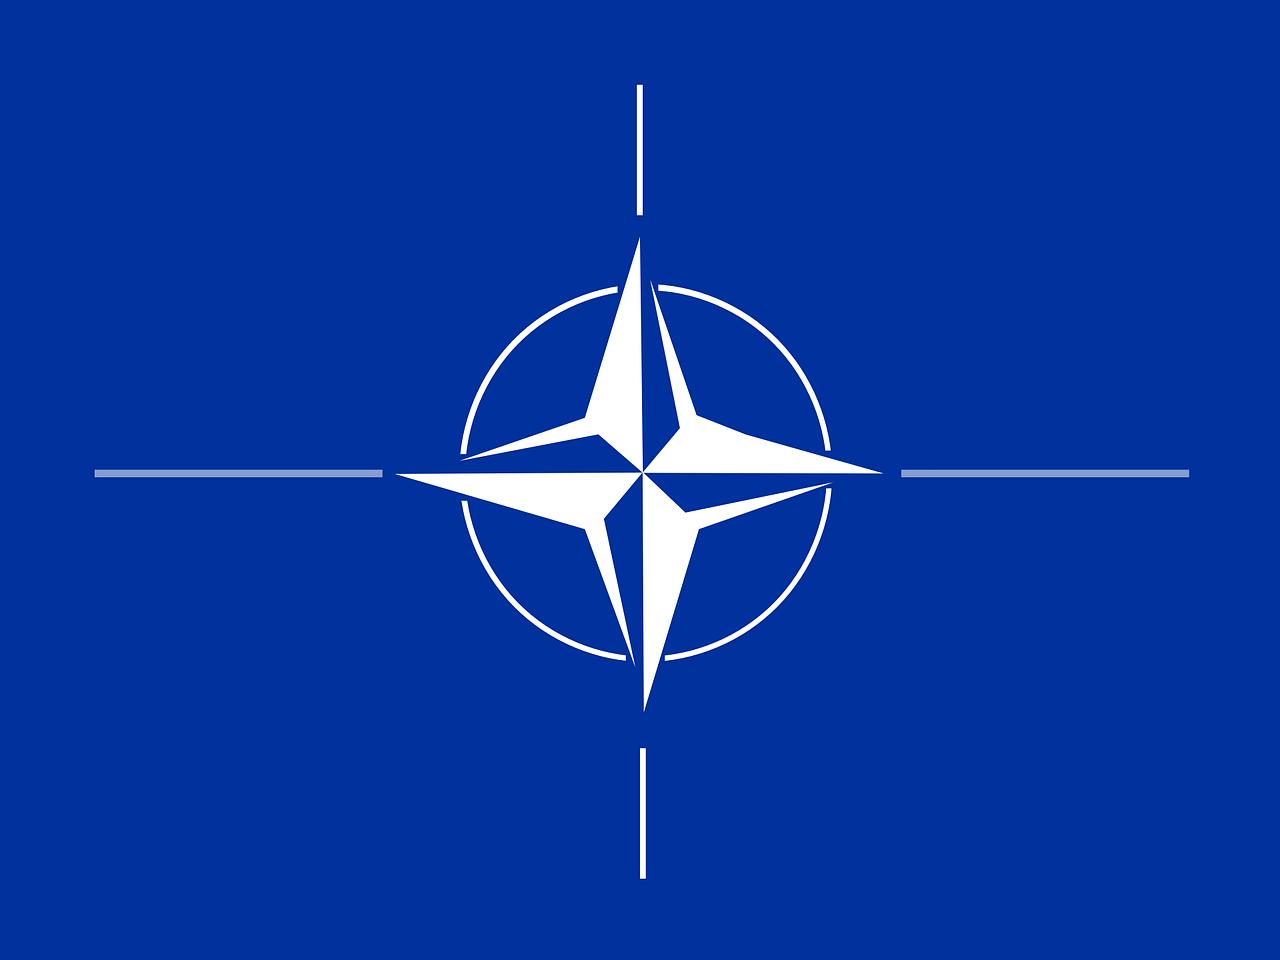 NATO schießt gegen UN-Vertrag